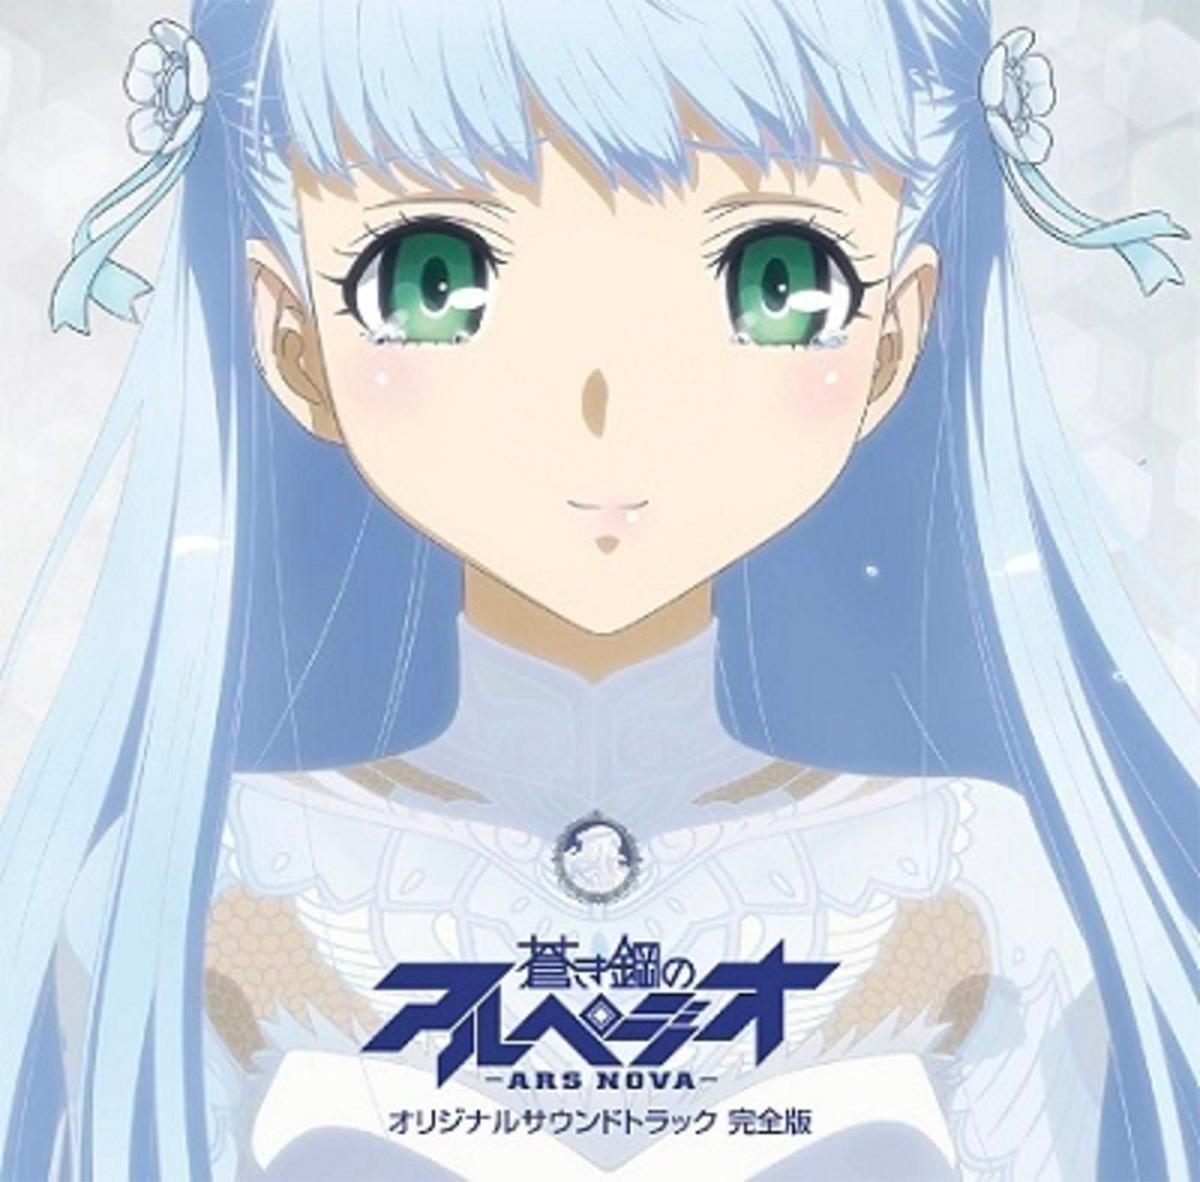 『蒼き鋼のアルペジオ -アルス・ノヴァ-』オリジナルサウンドトラック 完全版